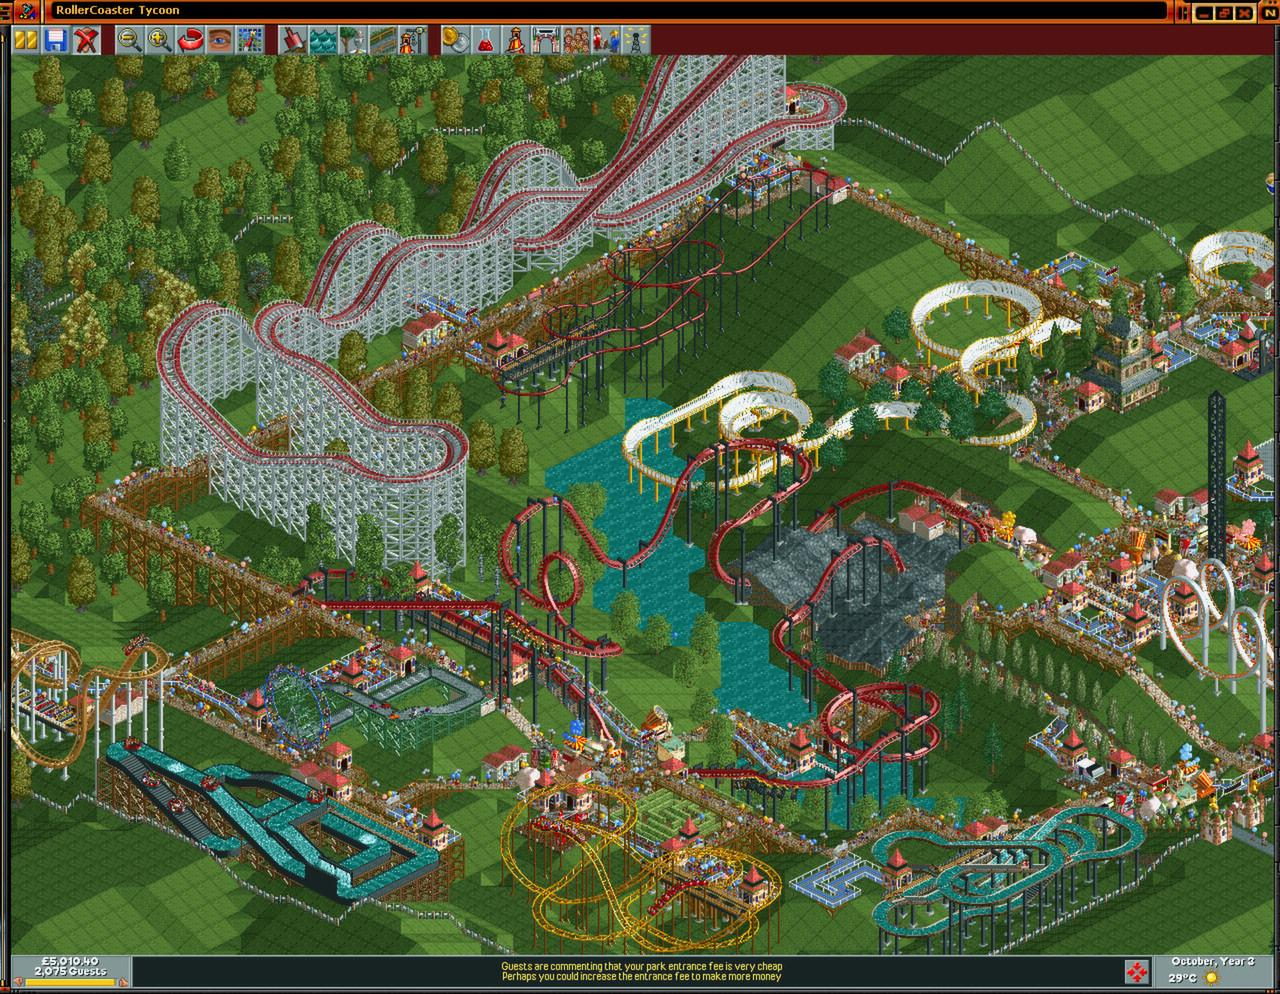 RollerCoaster Tycoon: Deluxe Captura 2